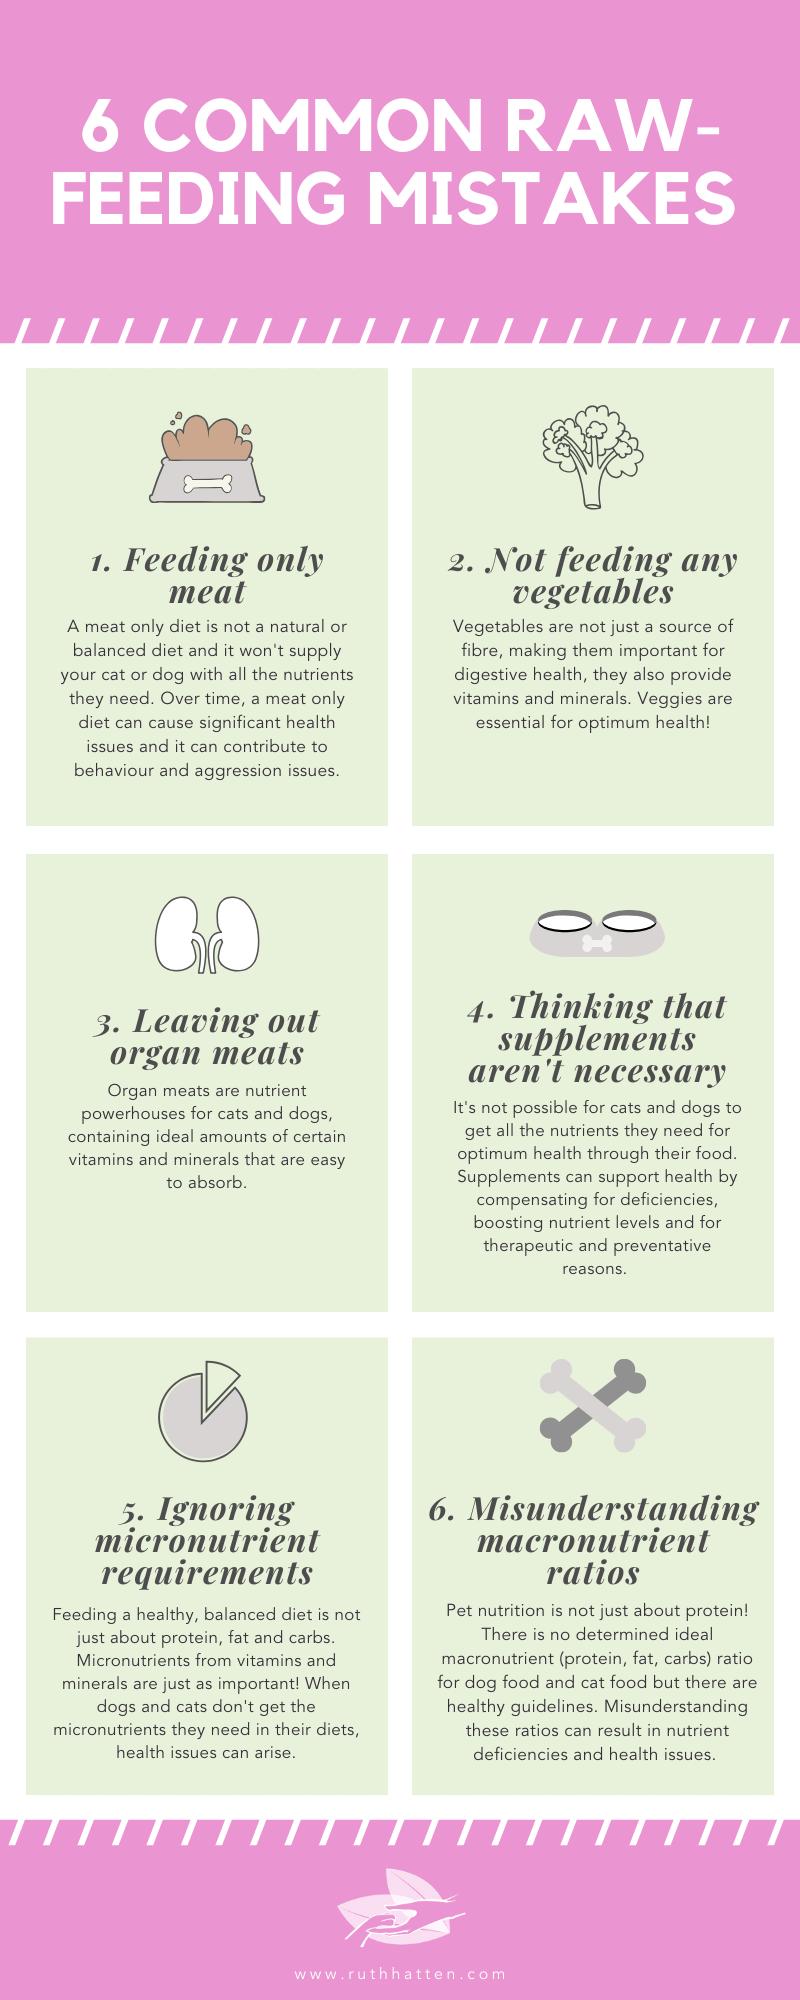 6 Common Raw-Feeding Mistakes